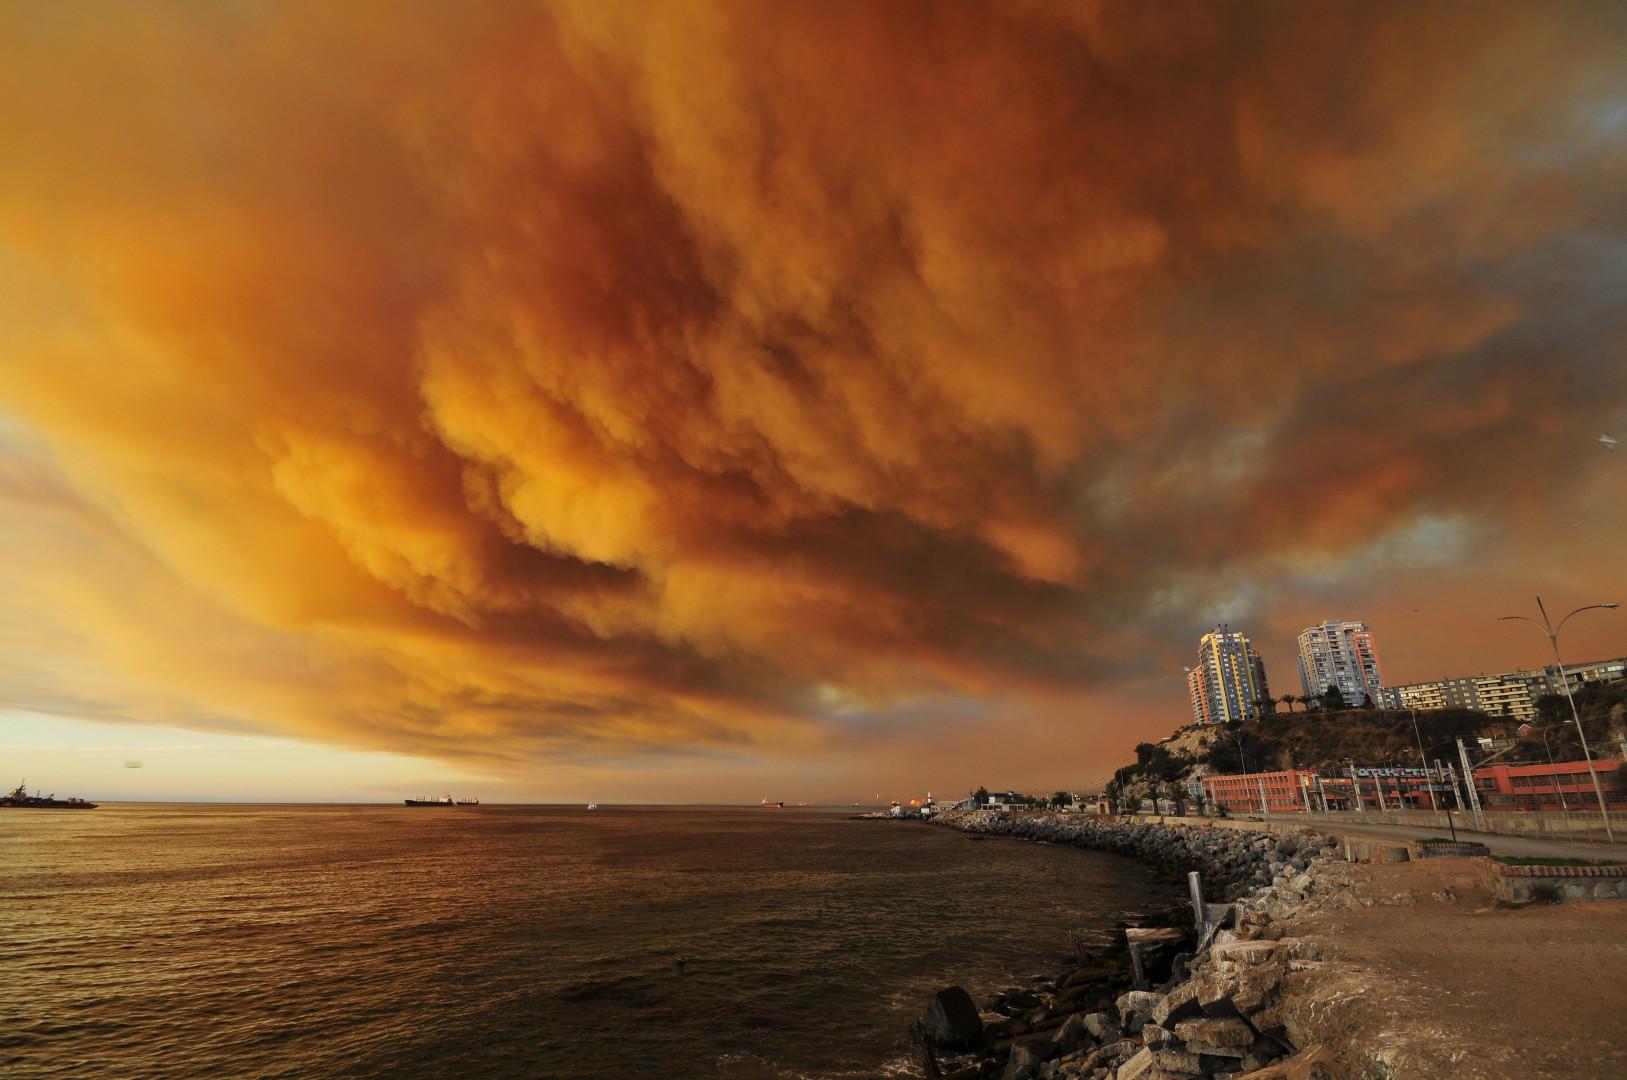 Comme le feu menace d'atteindre le port de la ville, les autorités déclarent l'alerte rouge dans la zone